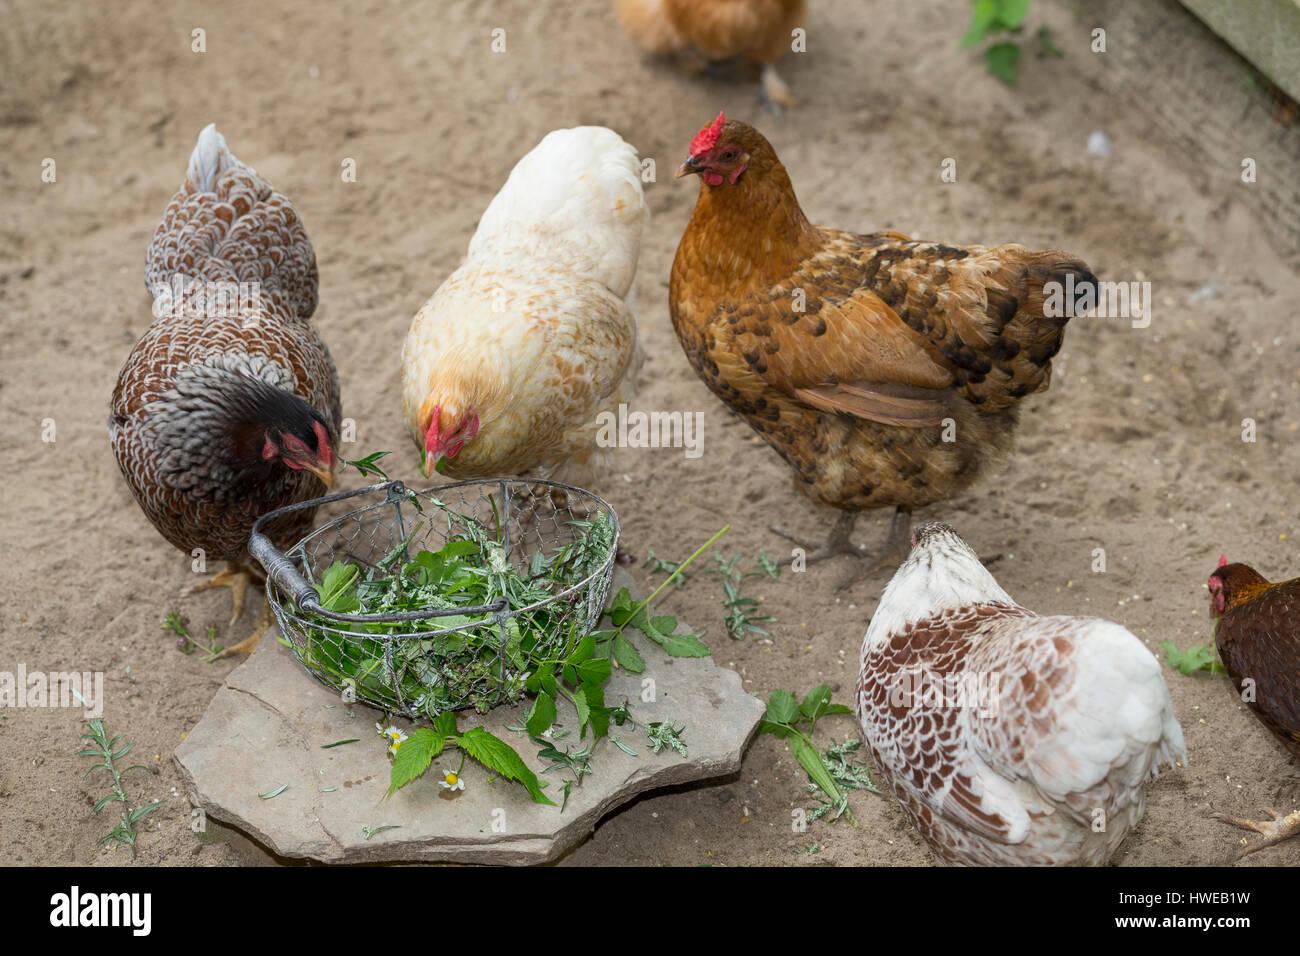 Wildkräuter für Hühner, Hühner fressen geerntete Kräuter. Spitz-Wegerich, Gänseblümchen, - Stock Image